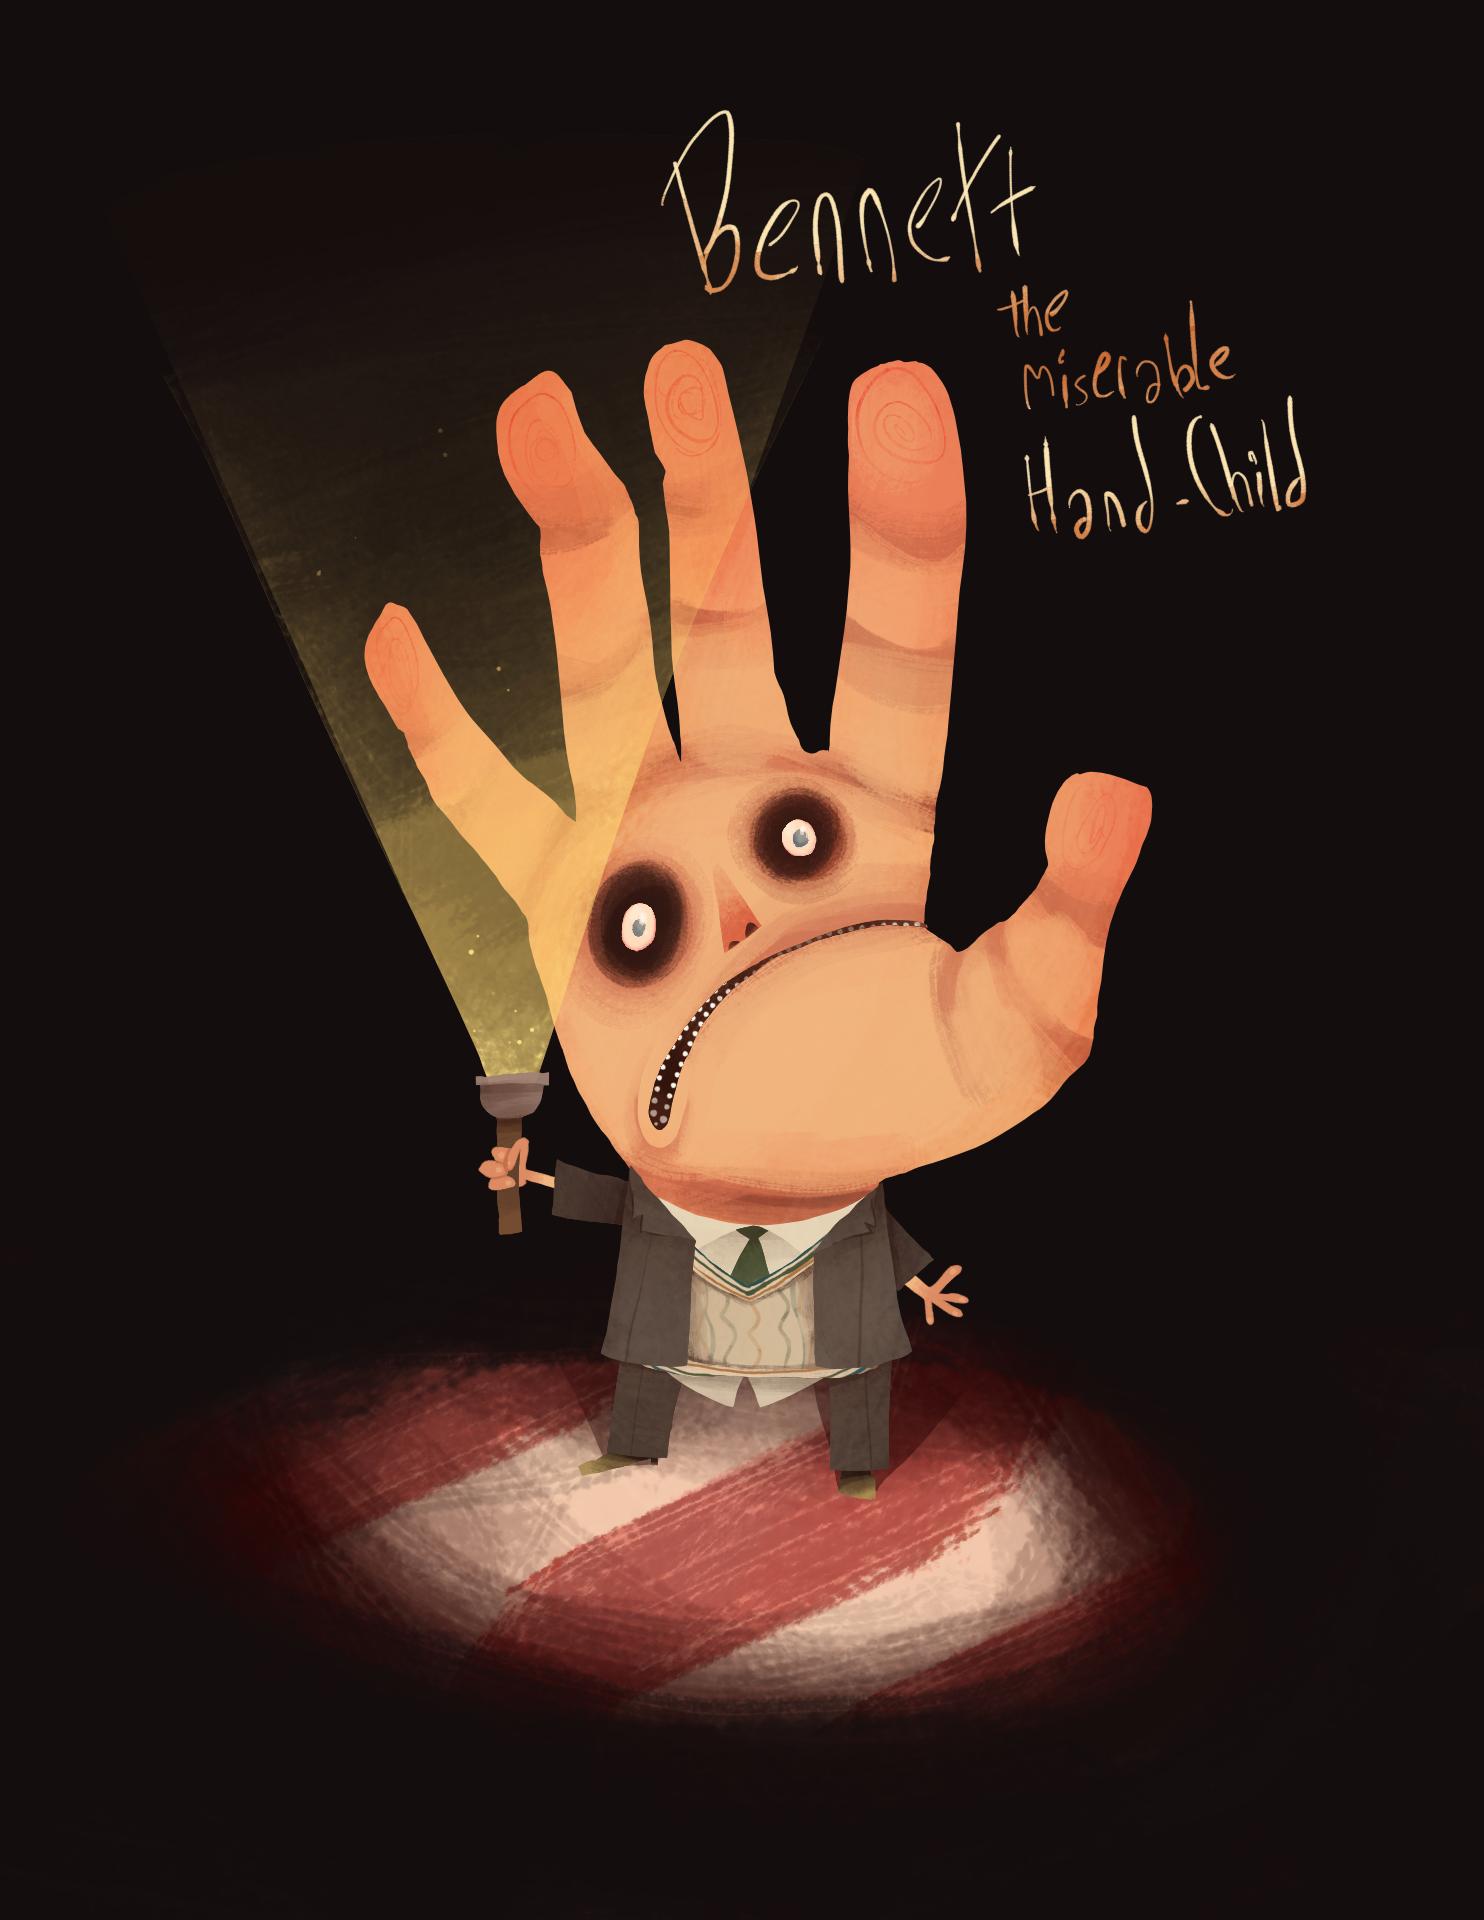 Bennett the Miserable Hand-Child